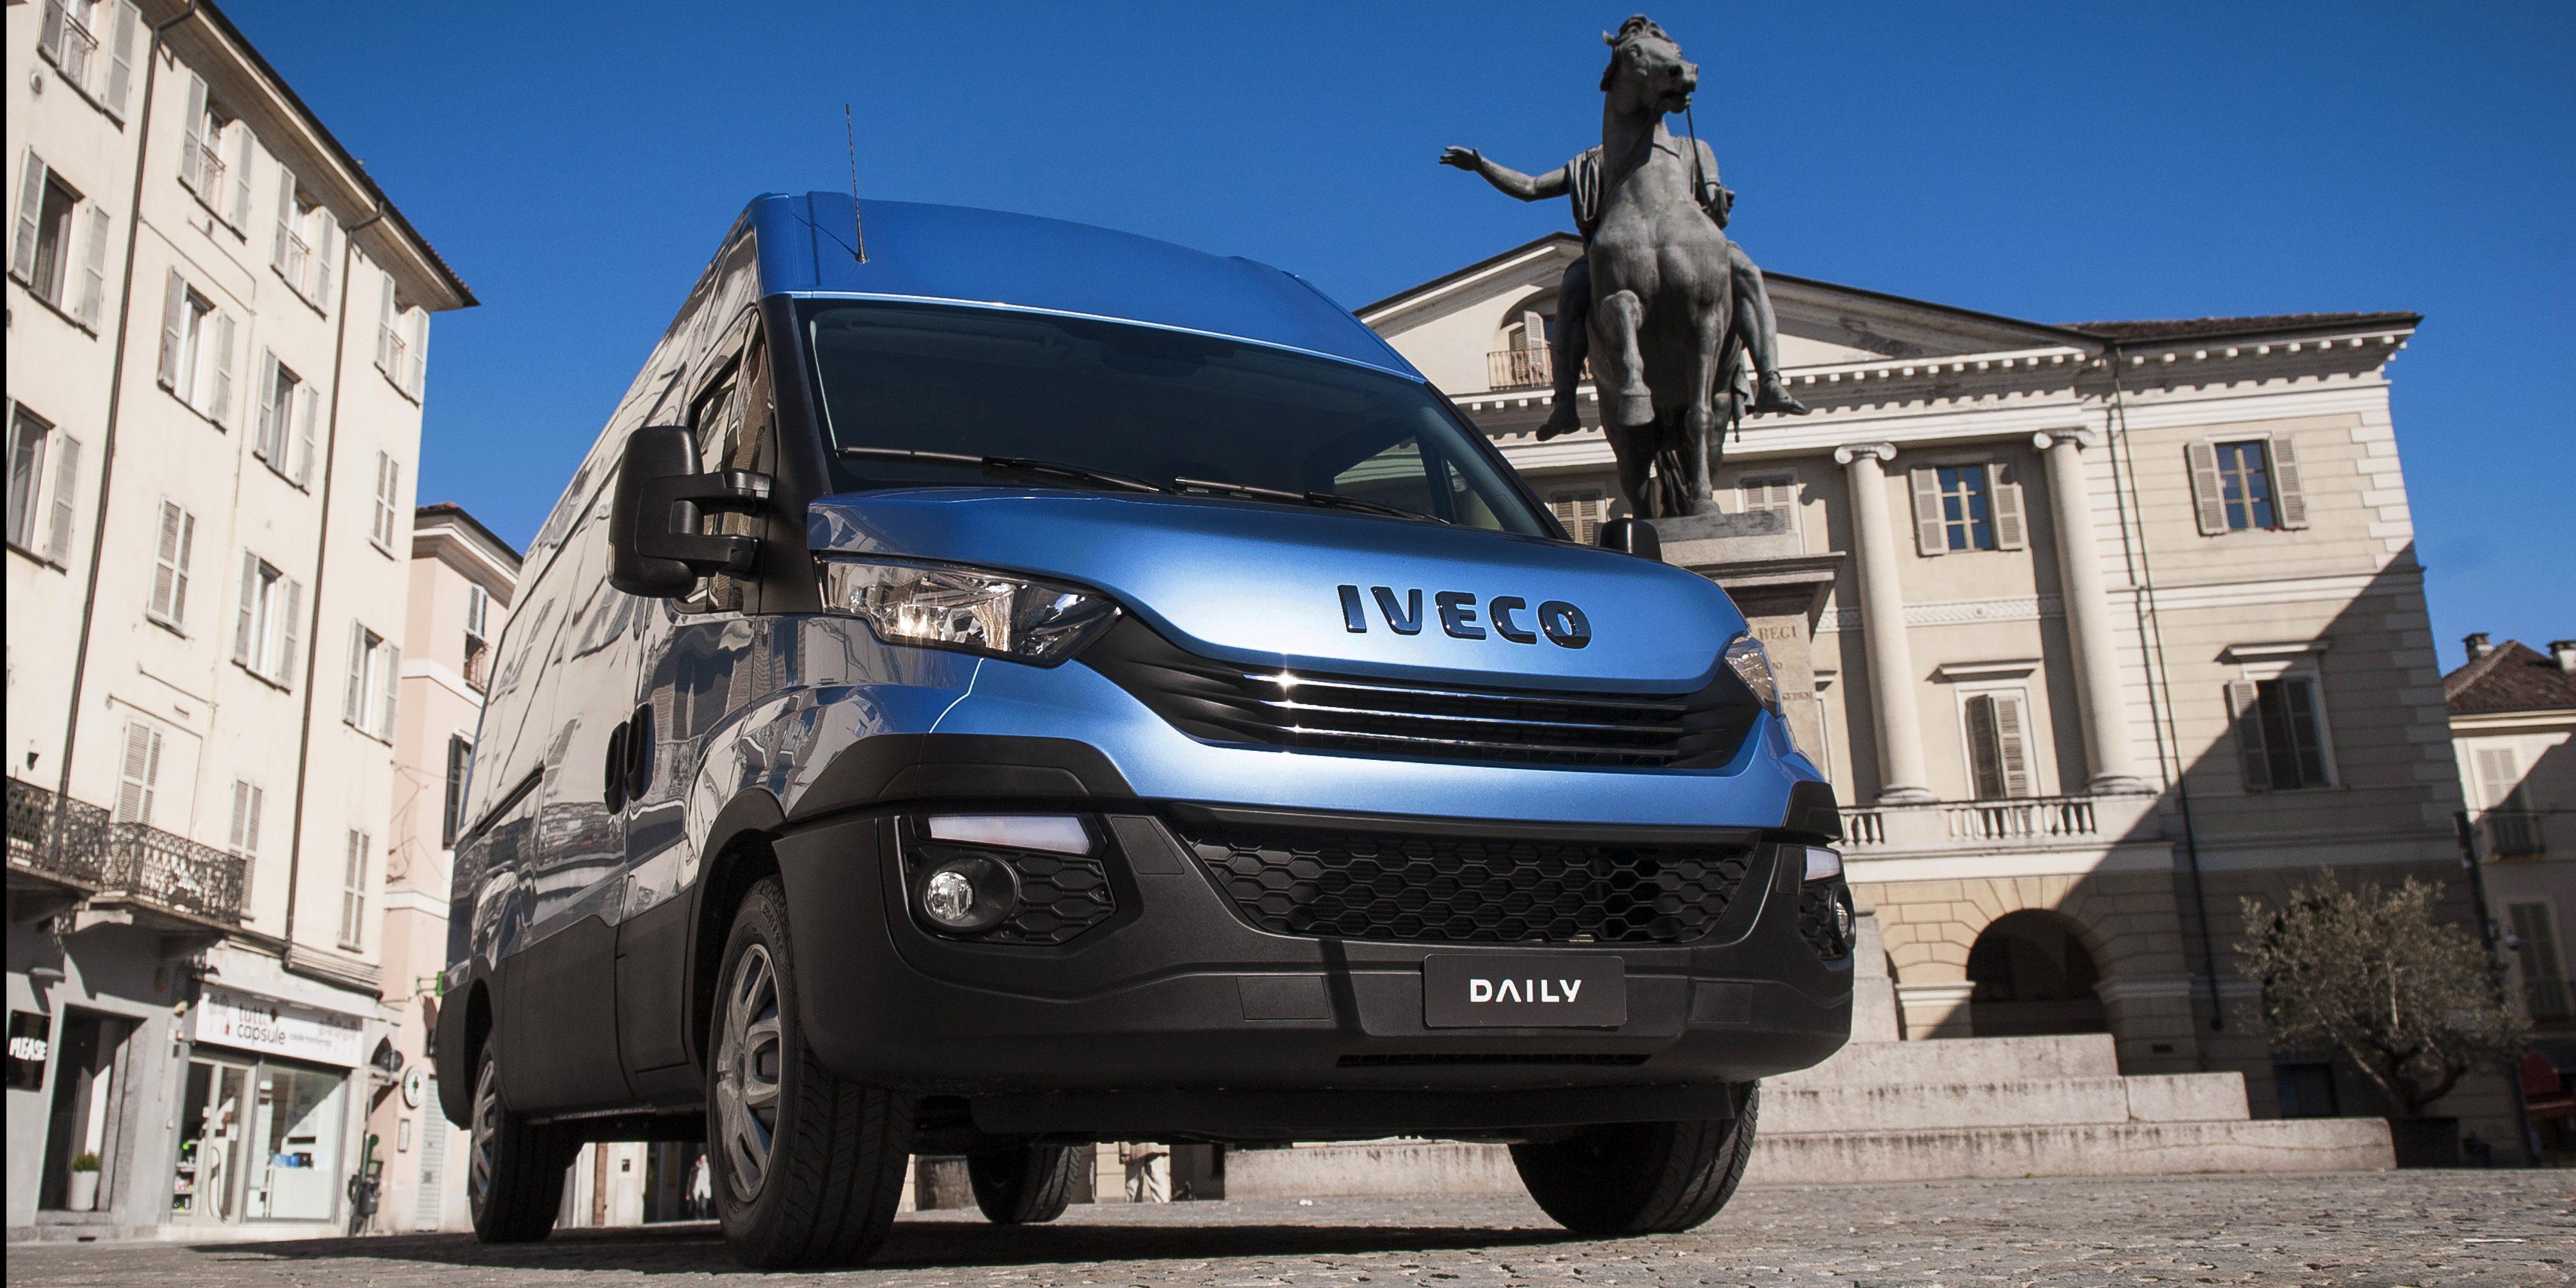 Автомобили итальянского концерна IVECO для бизнеса